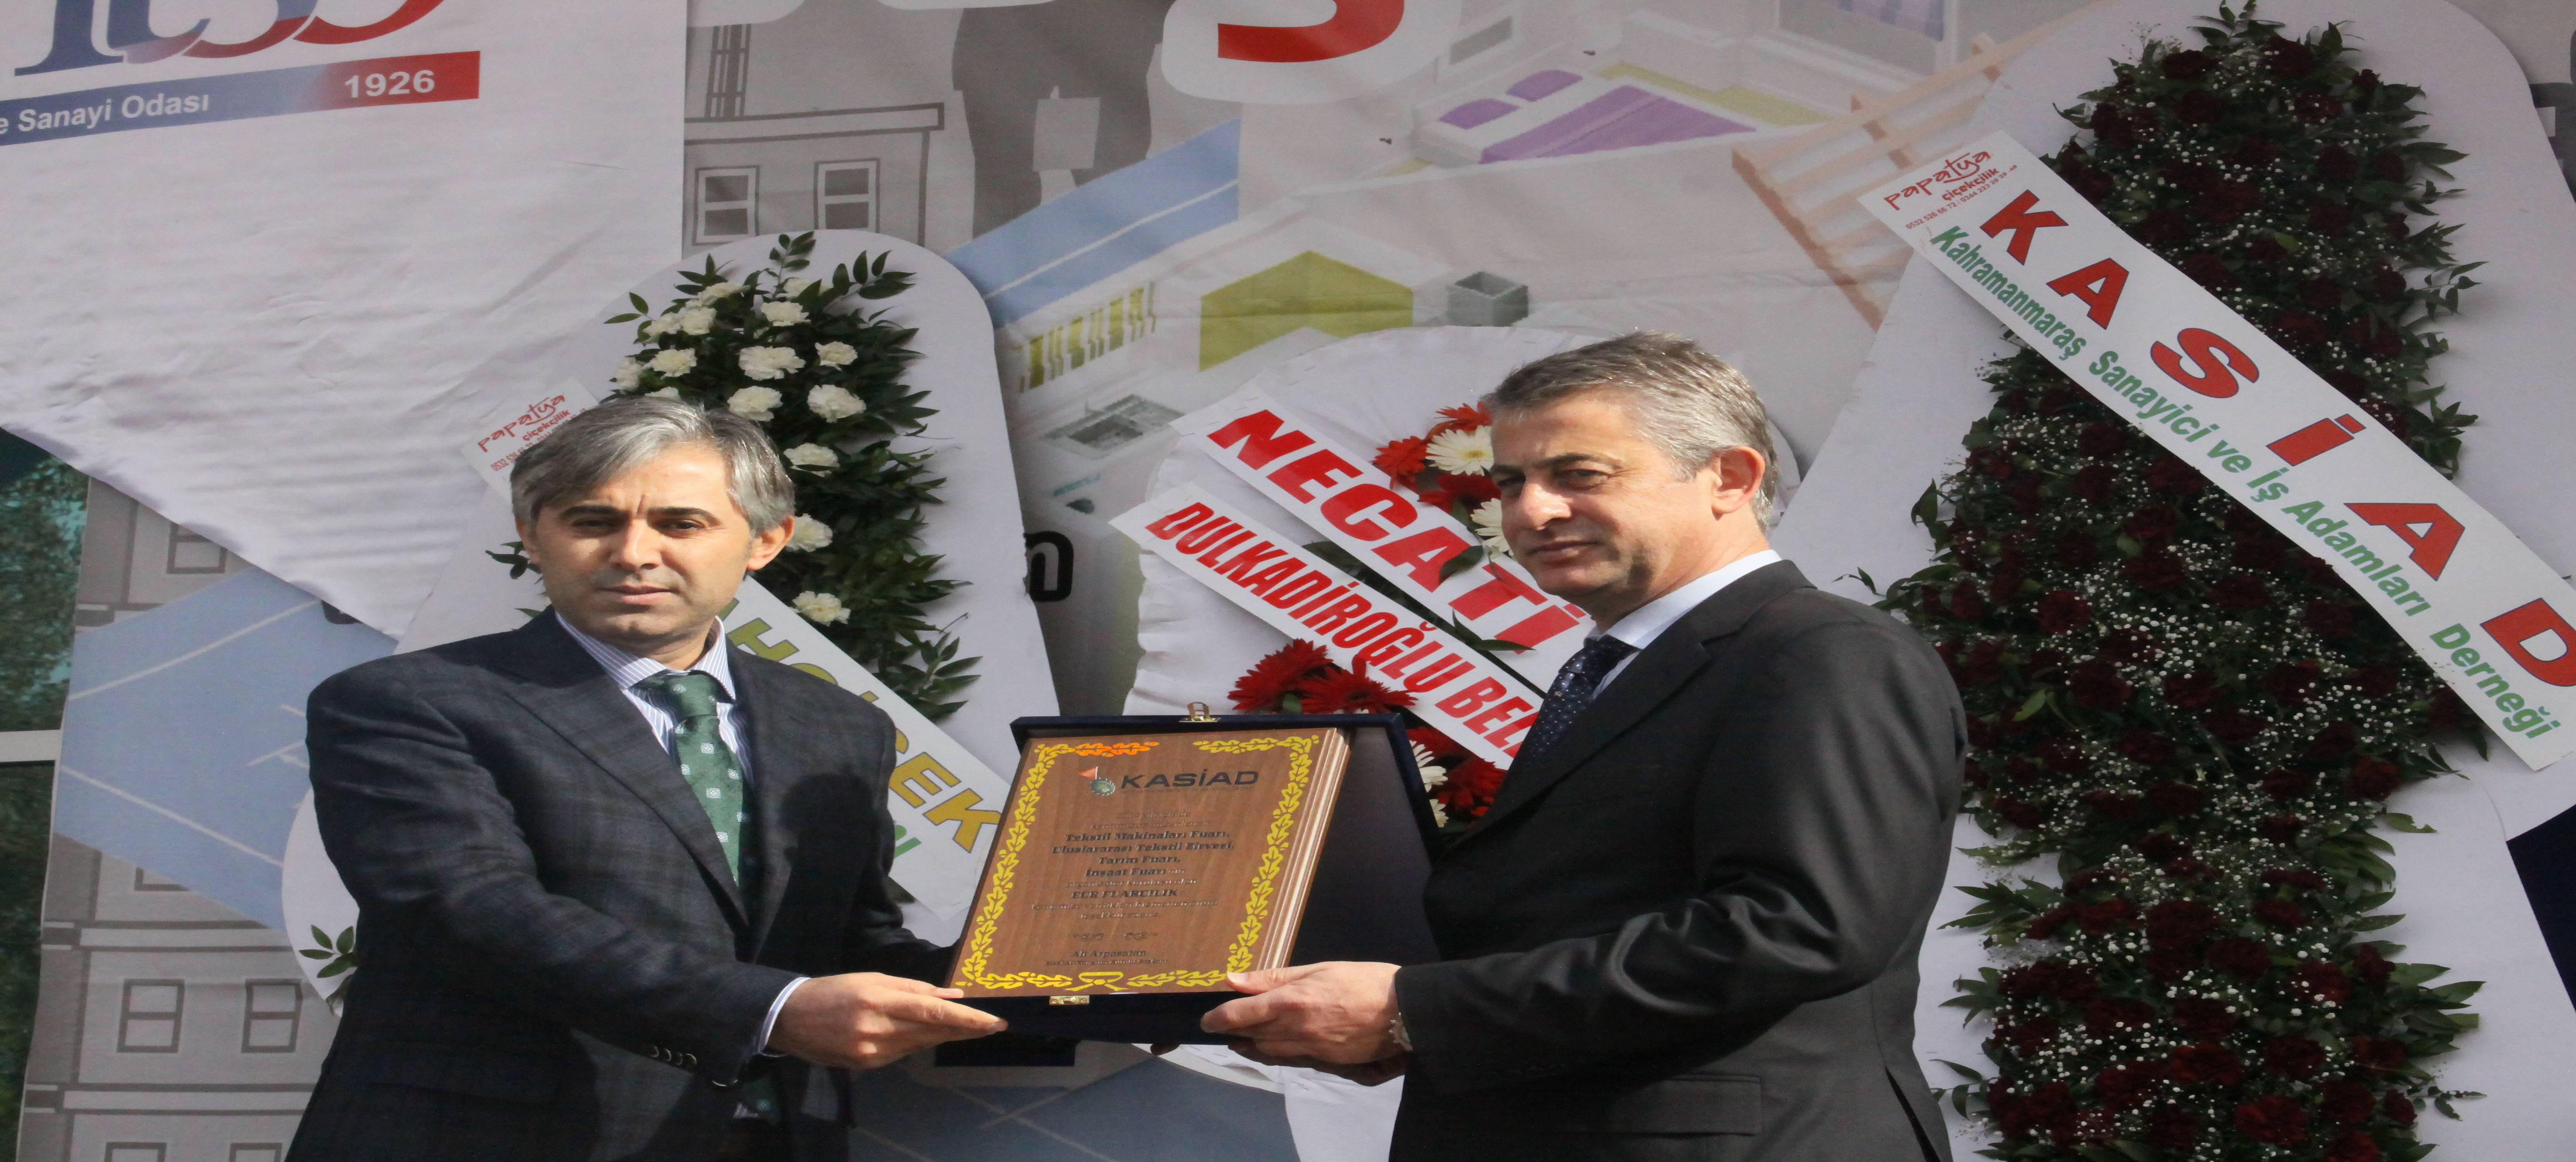 Kahramanmaraş'a Tekstil İhtisas OSB Geliyor.